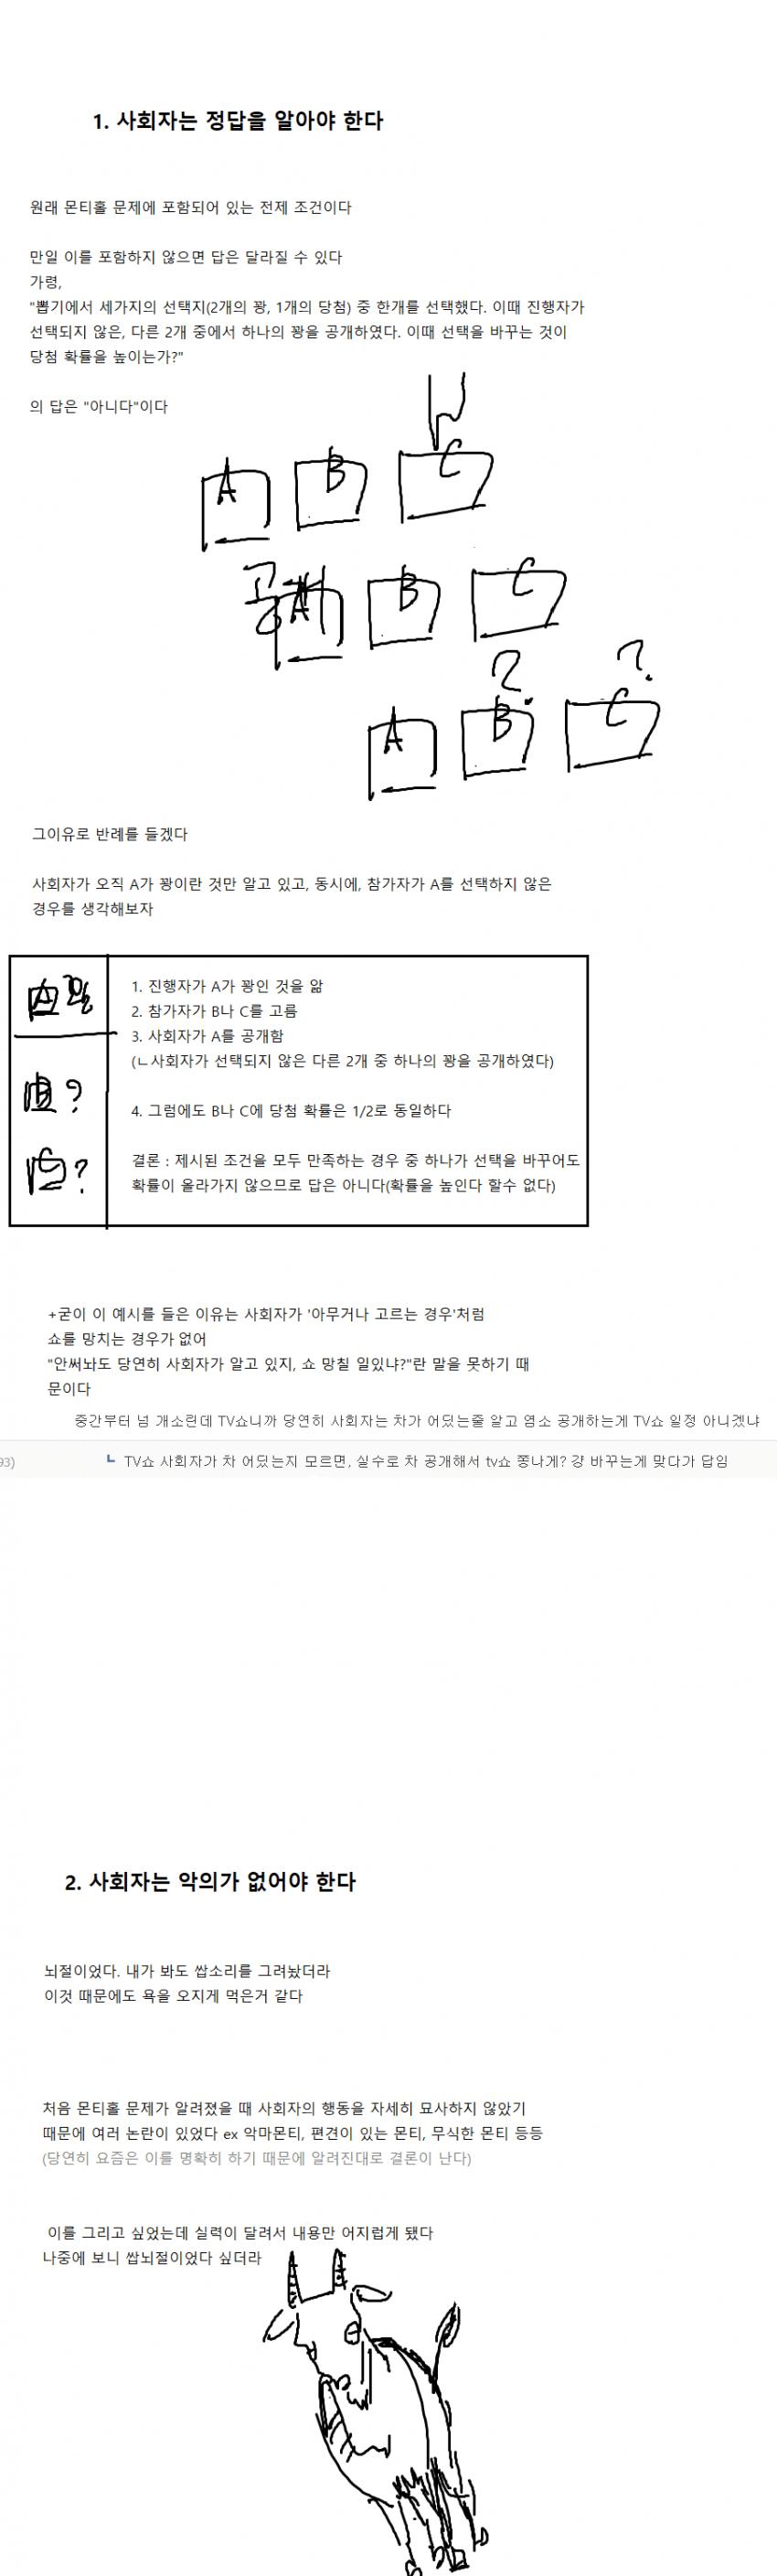 viewimage.php?id=2ebcc232eadd36&no=24b0d769e1d32ca73fed8ffa11d028317805b44c4c832ef9bd9f2eca3d34a89d64aeebdfc207419939fcf9641e9bf657175e6b63e68b8c45e058f2dc8c386086eef7